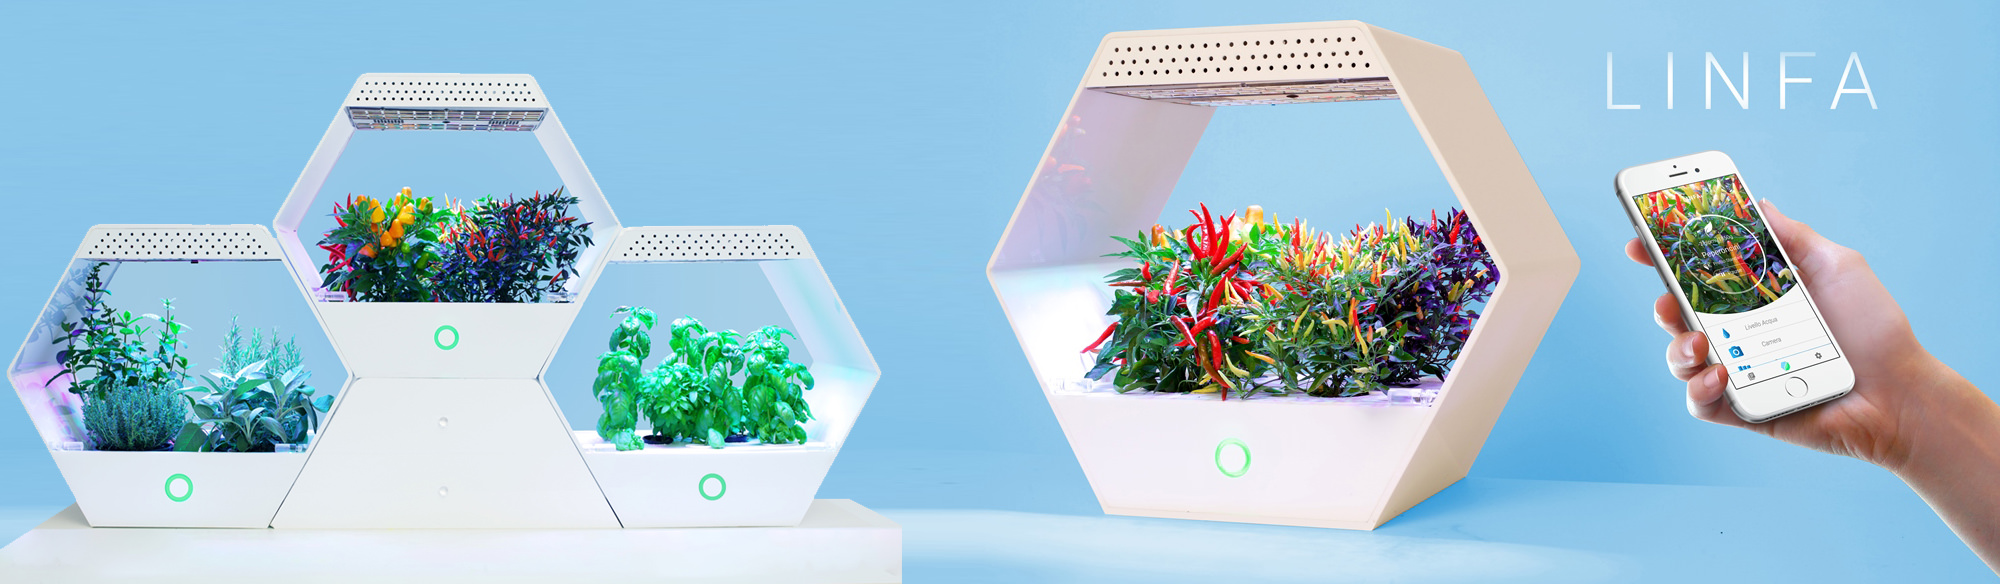 Vertical farm: sostenibilità ed efficienza per l'agricoltura 3.0